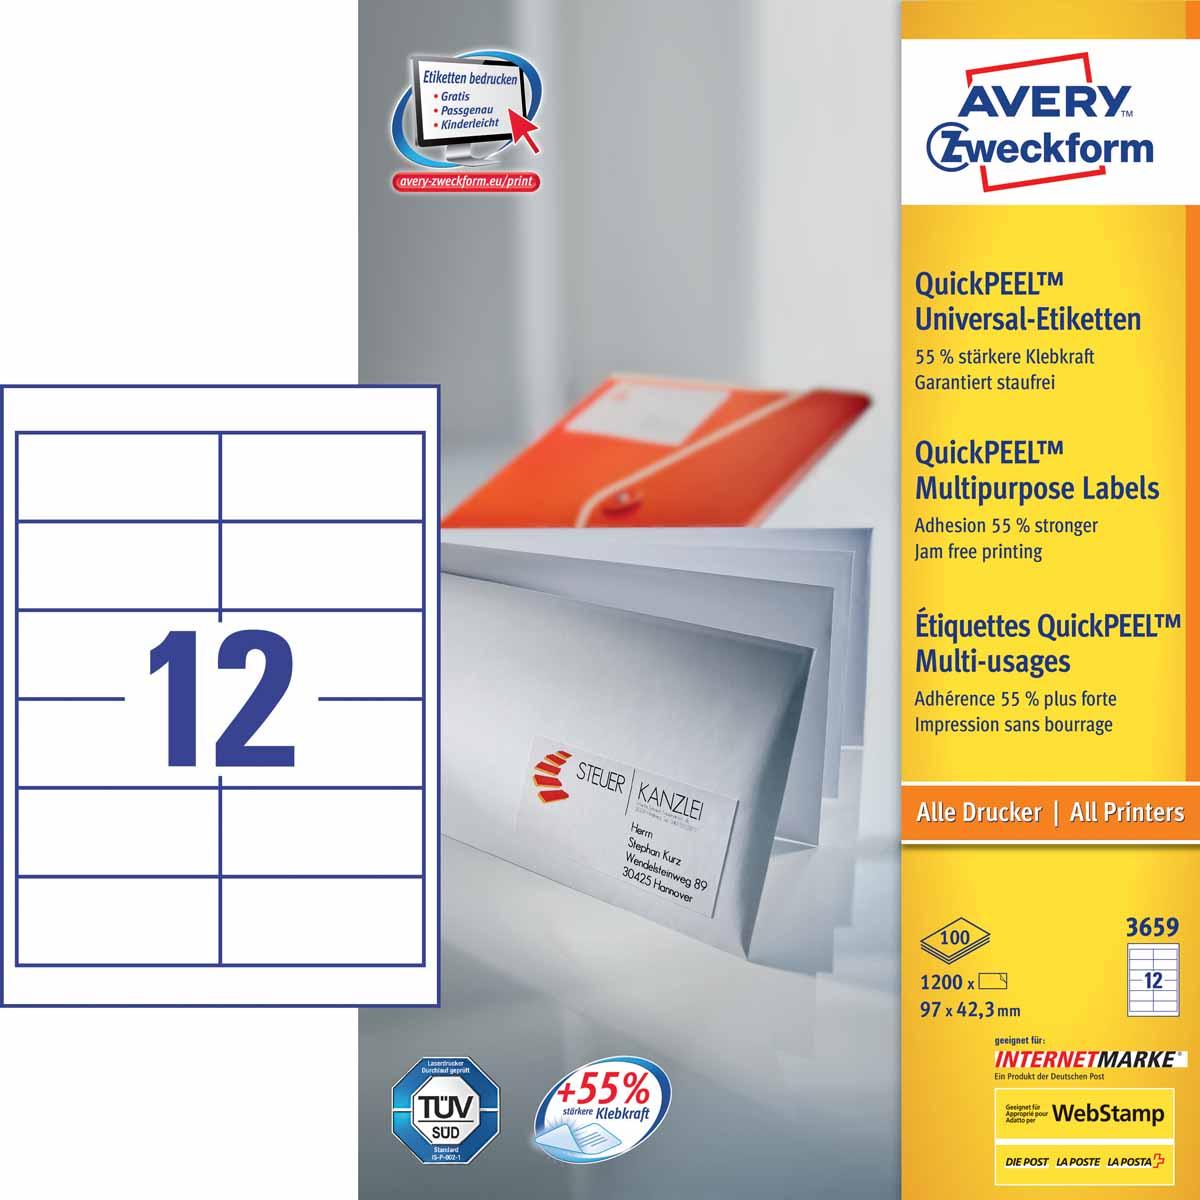 Avery Zweckform Этикетки самоклеящиеся универсальные Quick PEEL 97 х 42,3 мм 1200 шт 100 листов